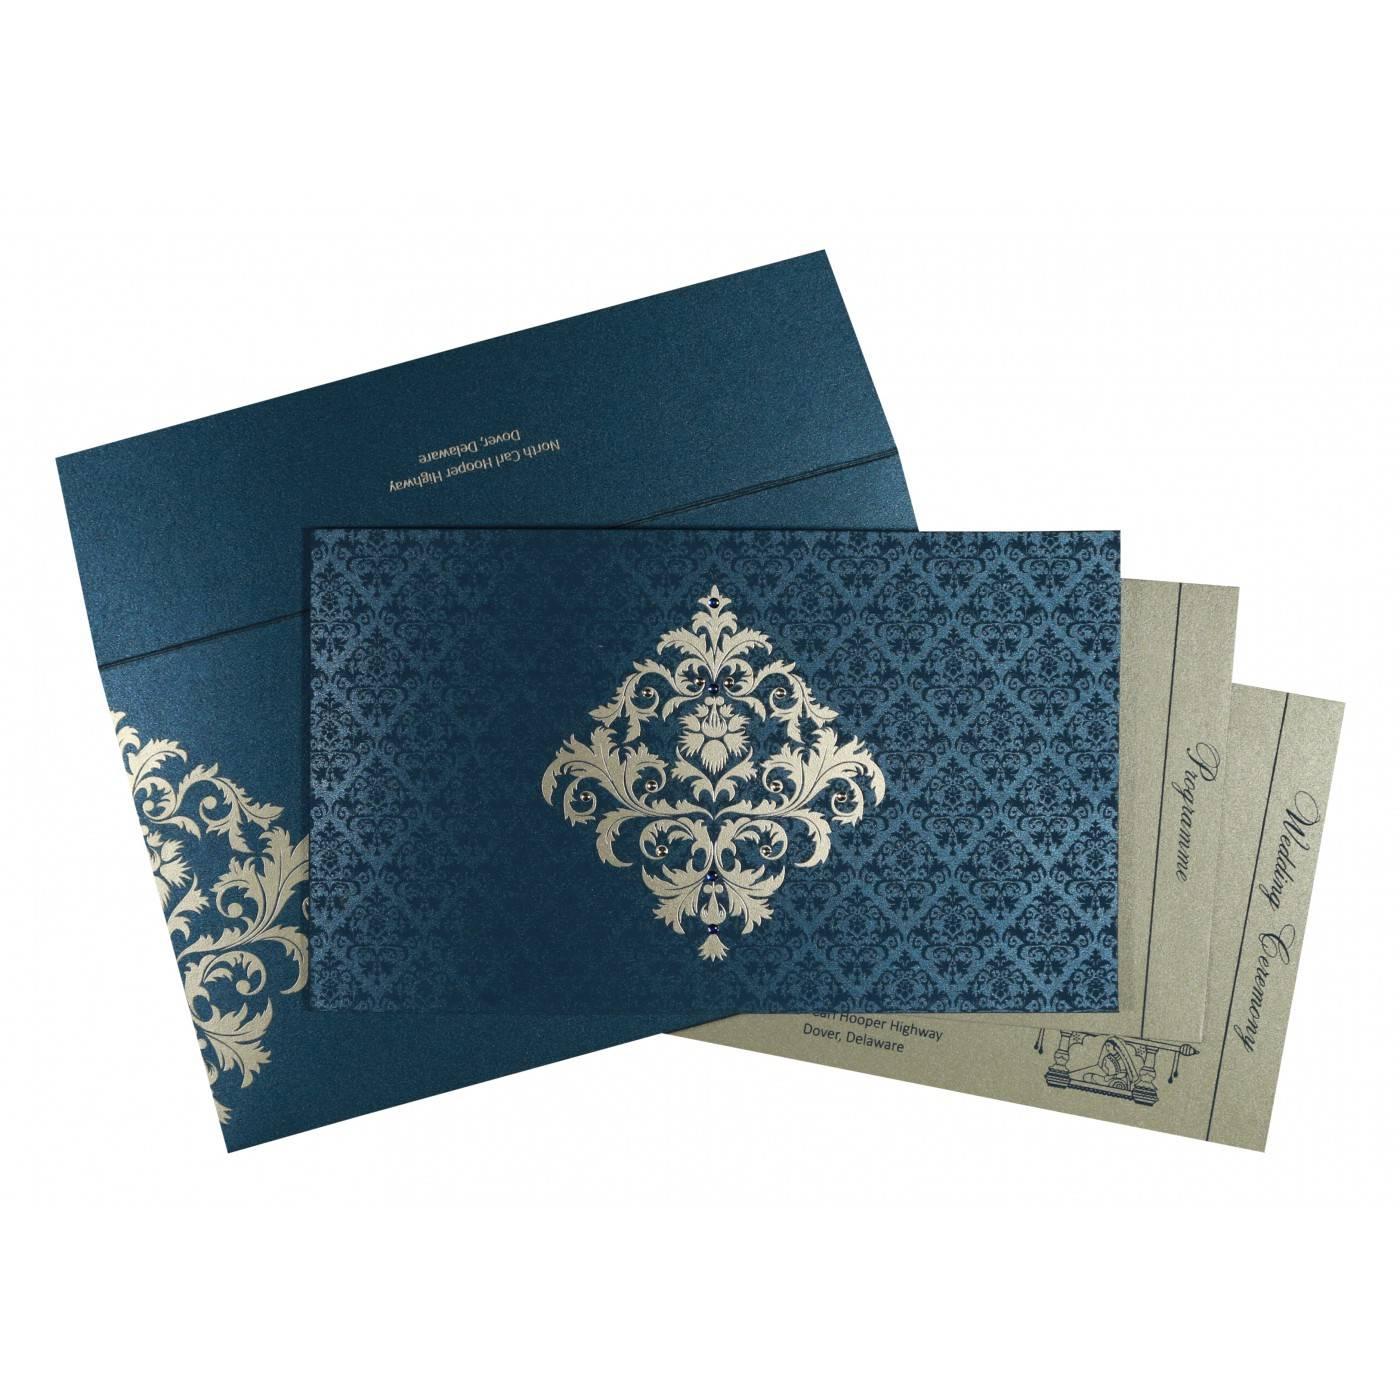 DARK BLUE SHIMMERY DAMASK THEMED - SCREEN PRINTED WEDDING CARD : CRU-8257G - IndianWeddingCards